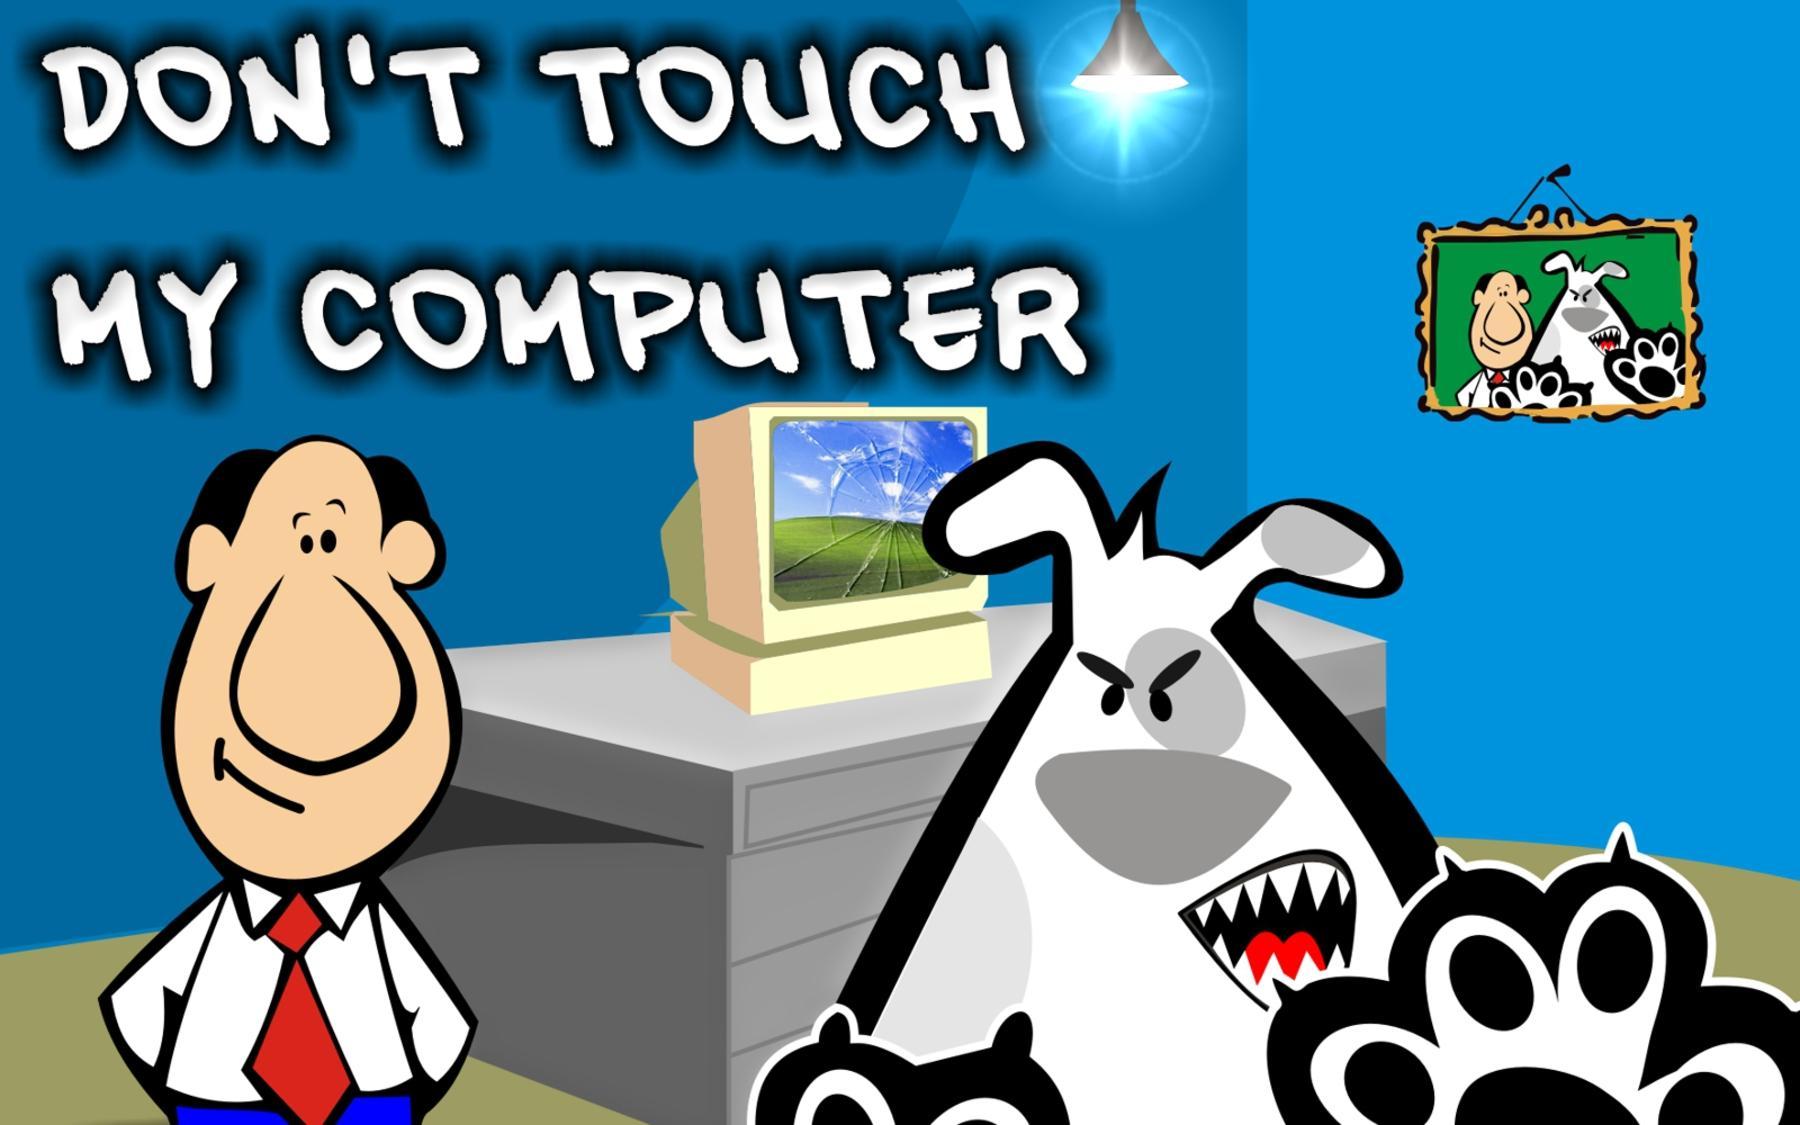 Funny Cartoon Wallpapers For Desktop 1800x1125